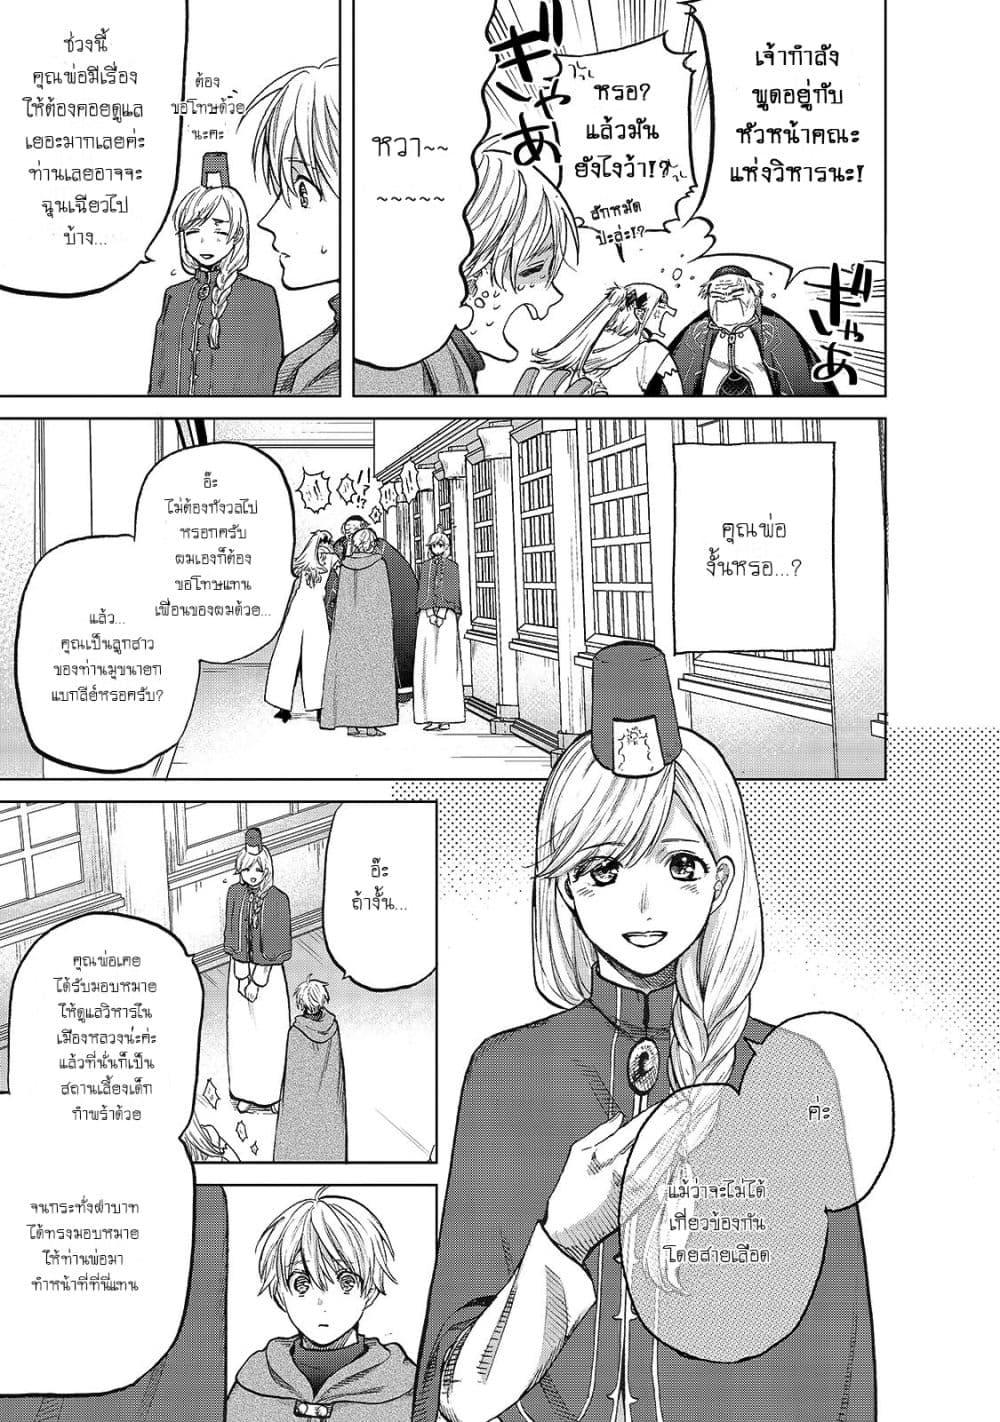 อ่านการ์ตูน Saihate no Paladin ตอนที่ 22 หน้าที่ 7